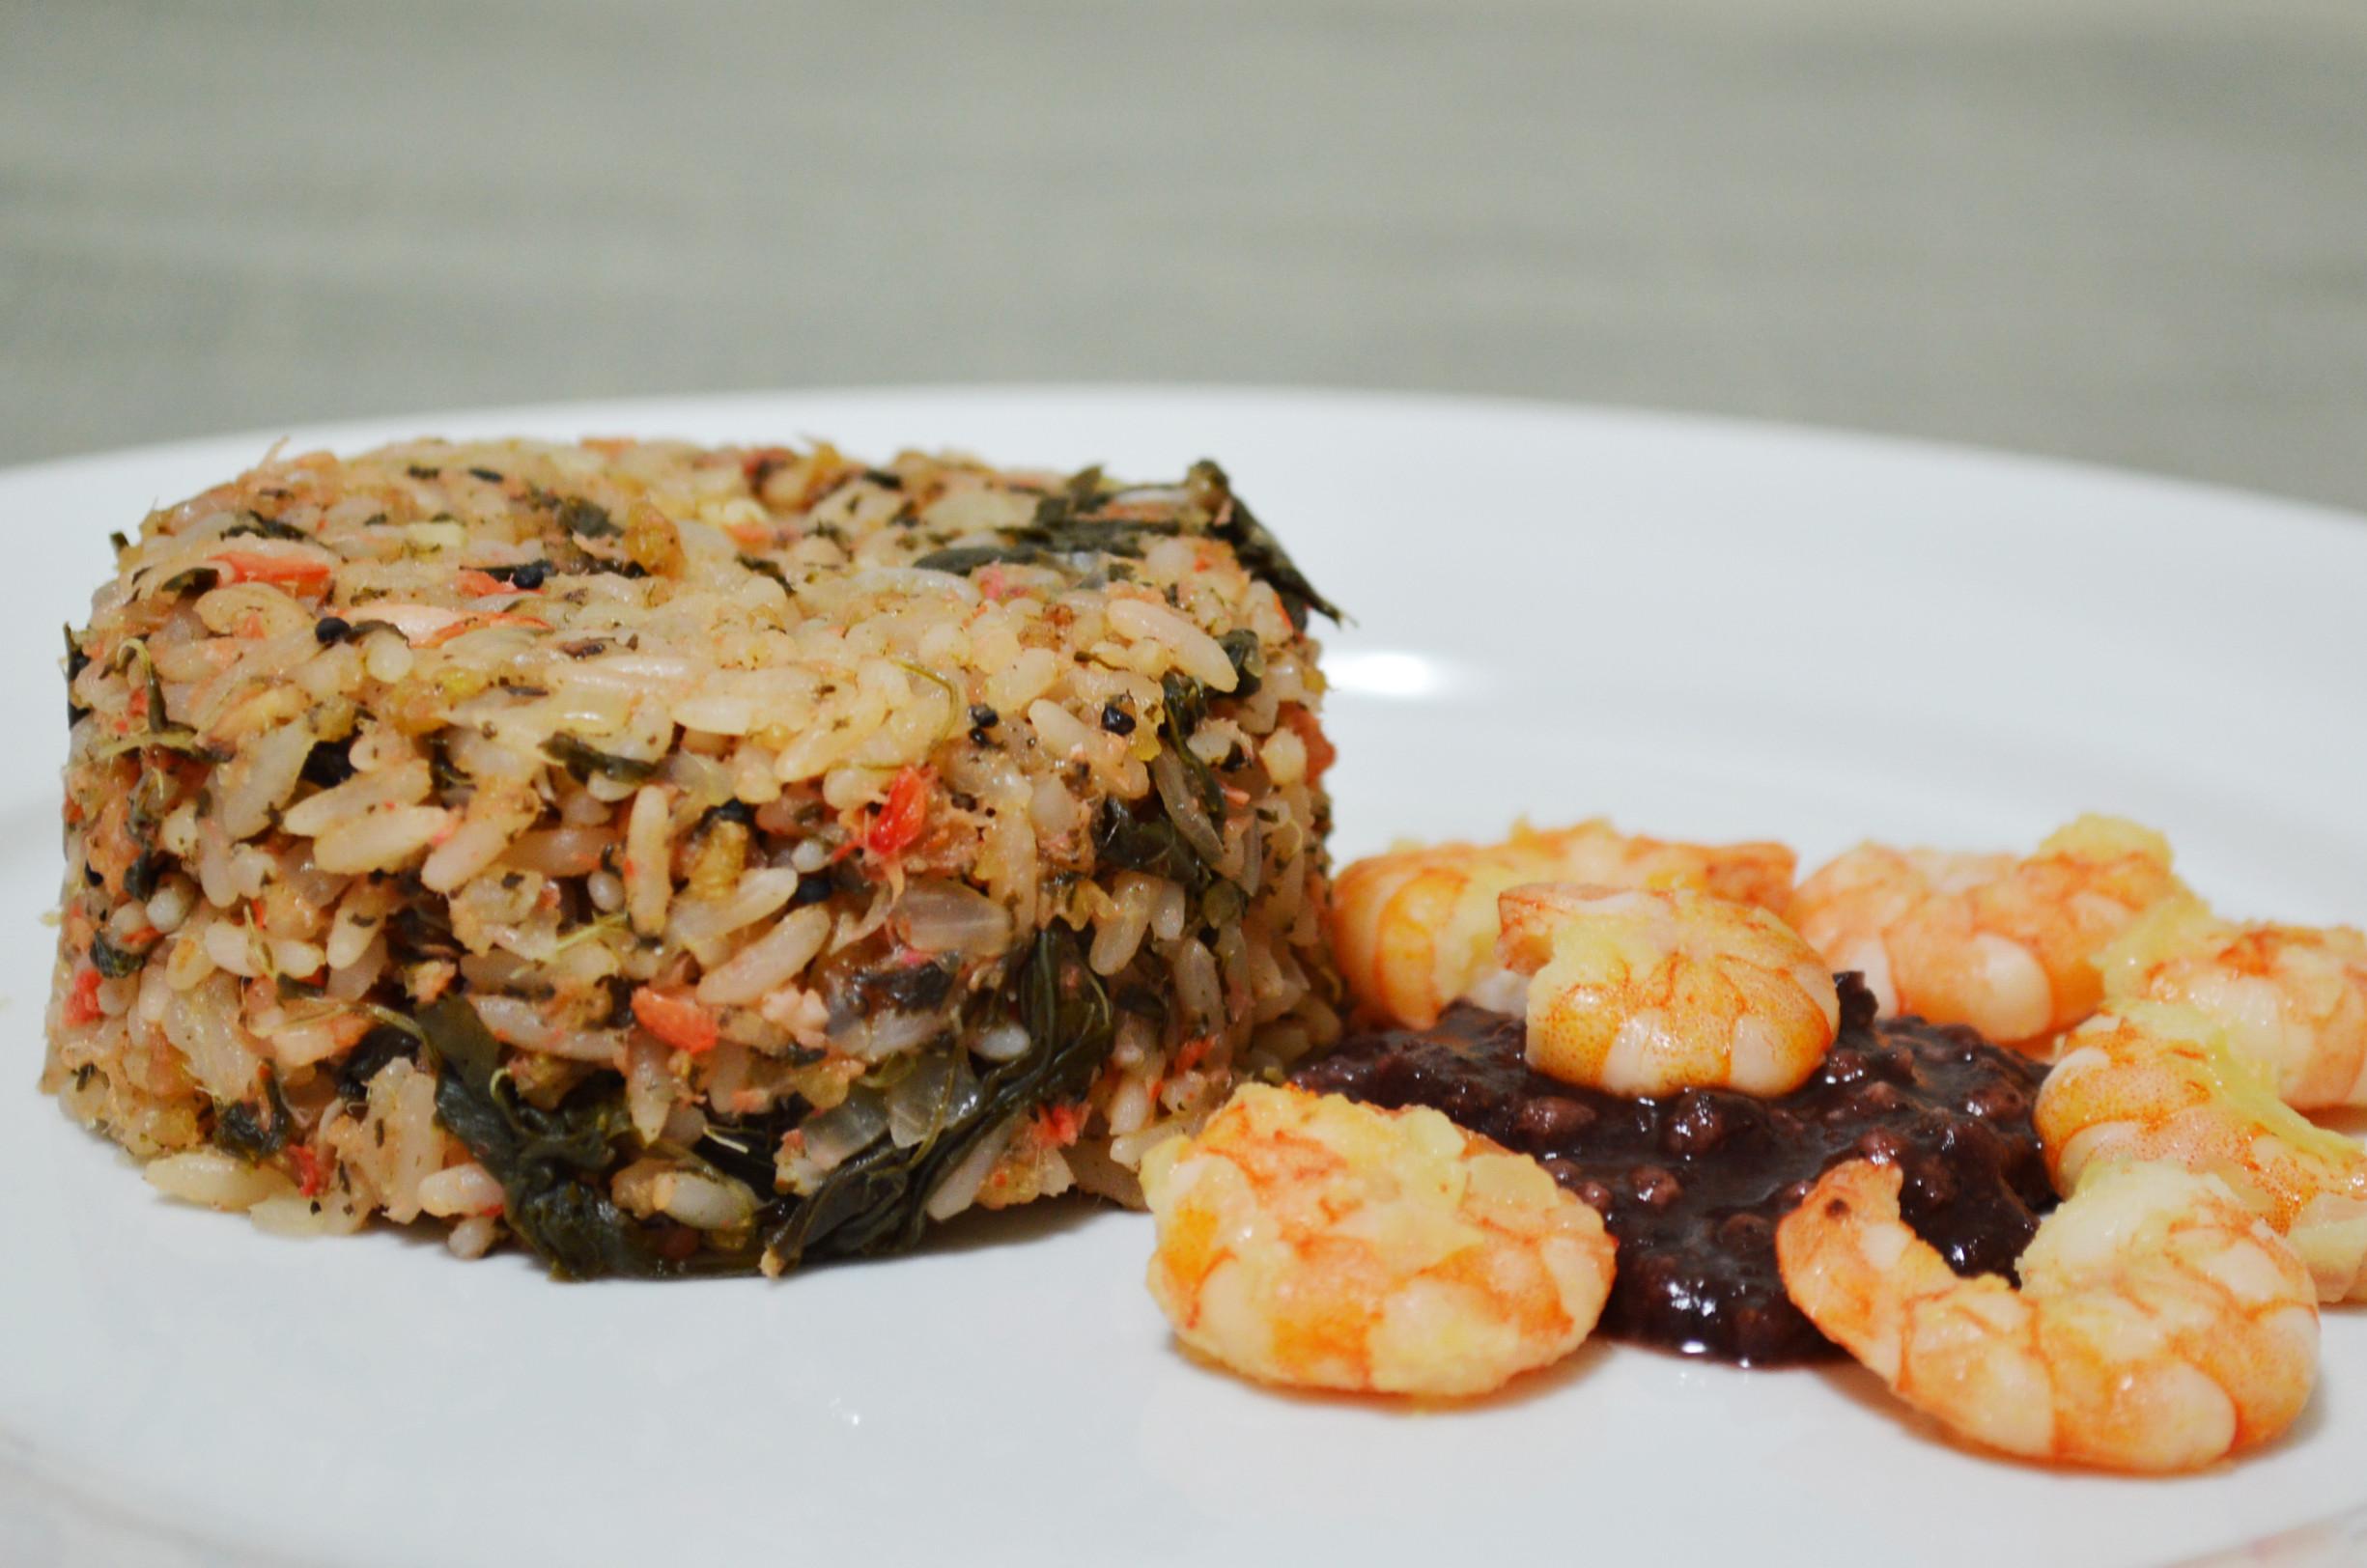 Juçara, camarão e cuxá estão entre os ingredientes de pratos clássicos maranhenses (Foto: Reprodução)